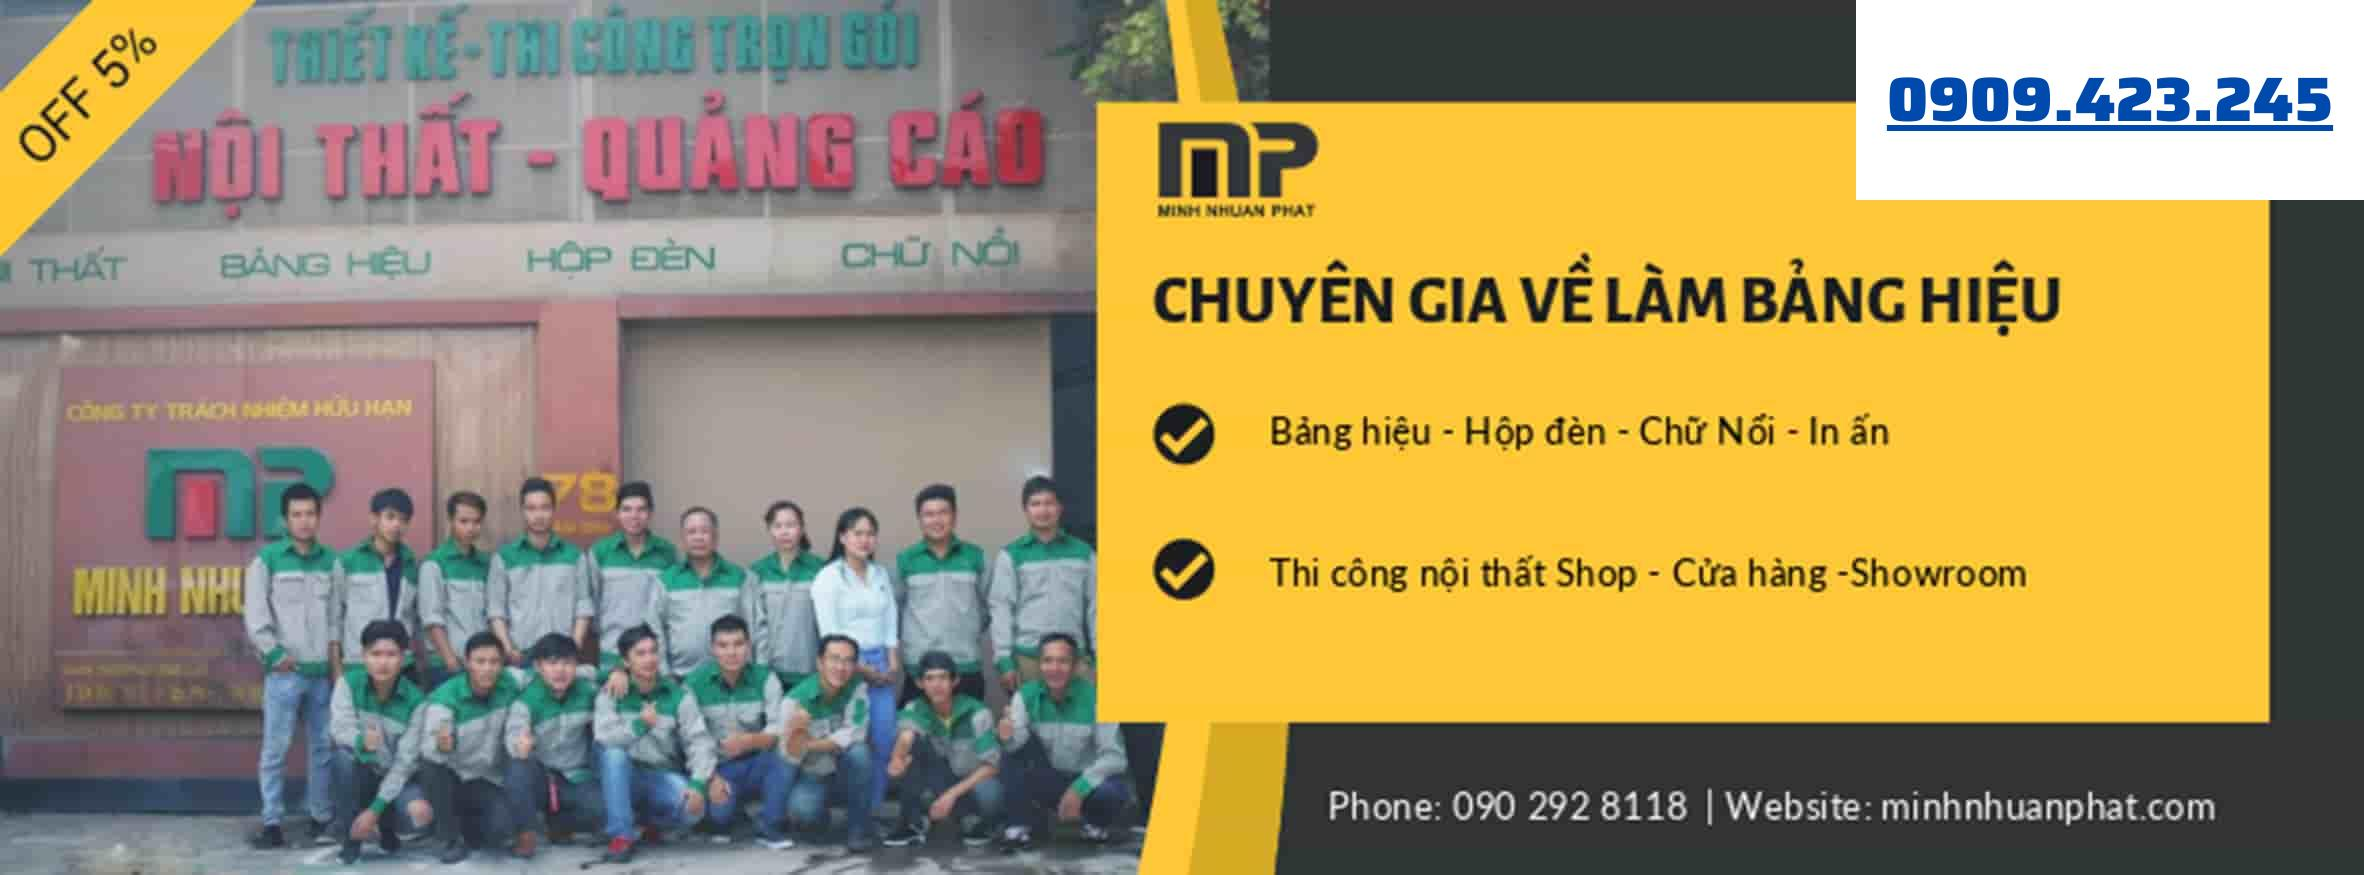 Minh Thuận Phát - Top 10 Công Ty Làm Bảng Hiệu Quảng Cáo Uy Tín Tại TPHCM